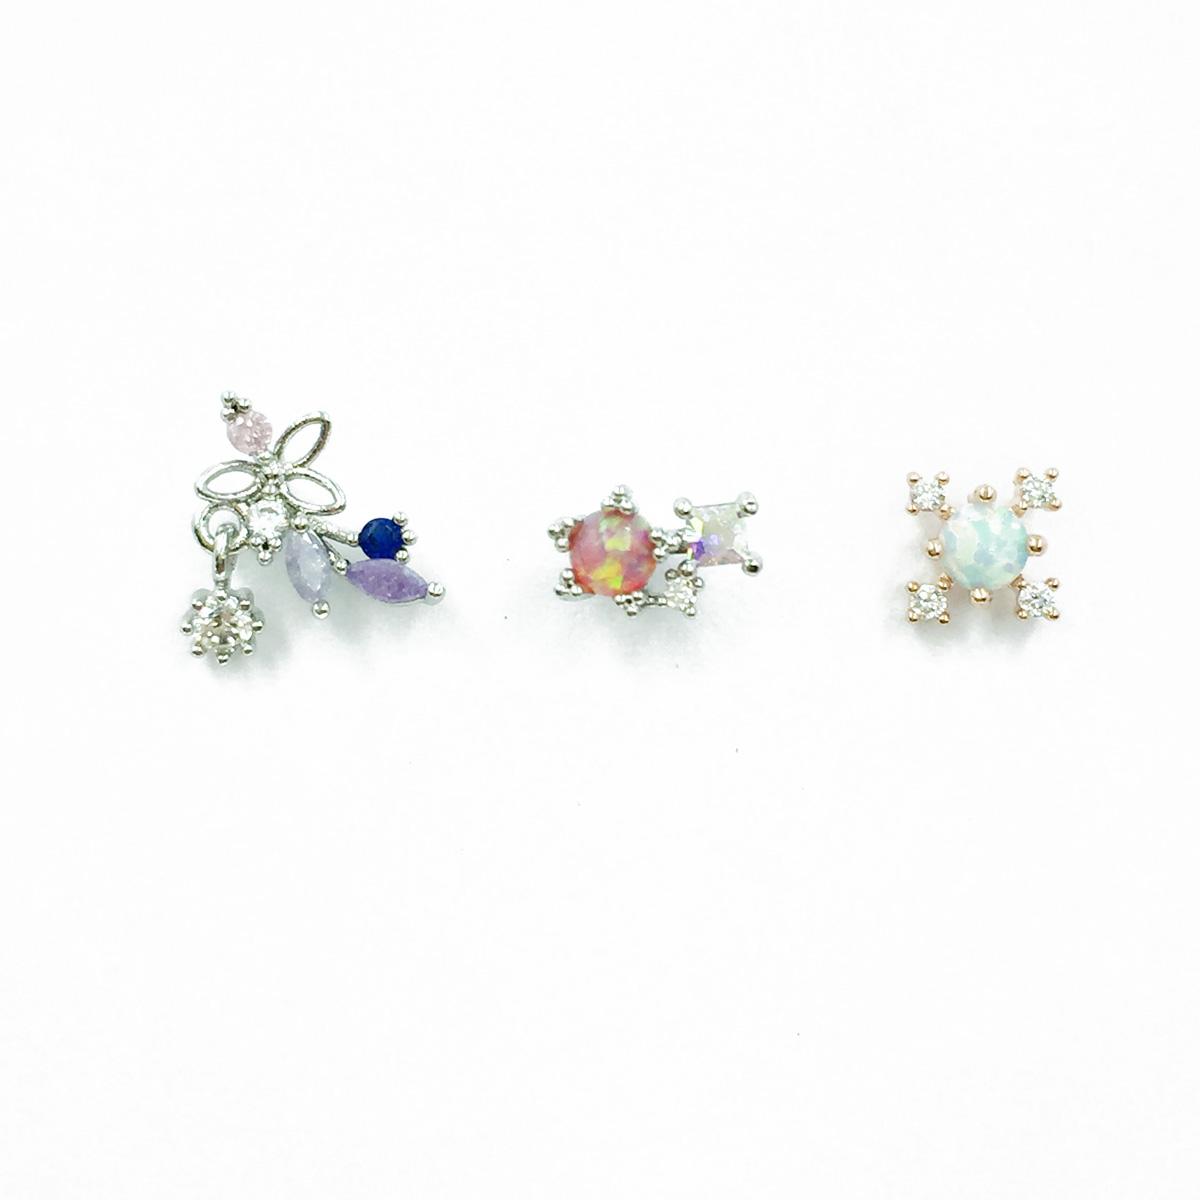 韓國 不鏽鋼 水鑽 花 精緻 單支後轉 耳針式耳環